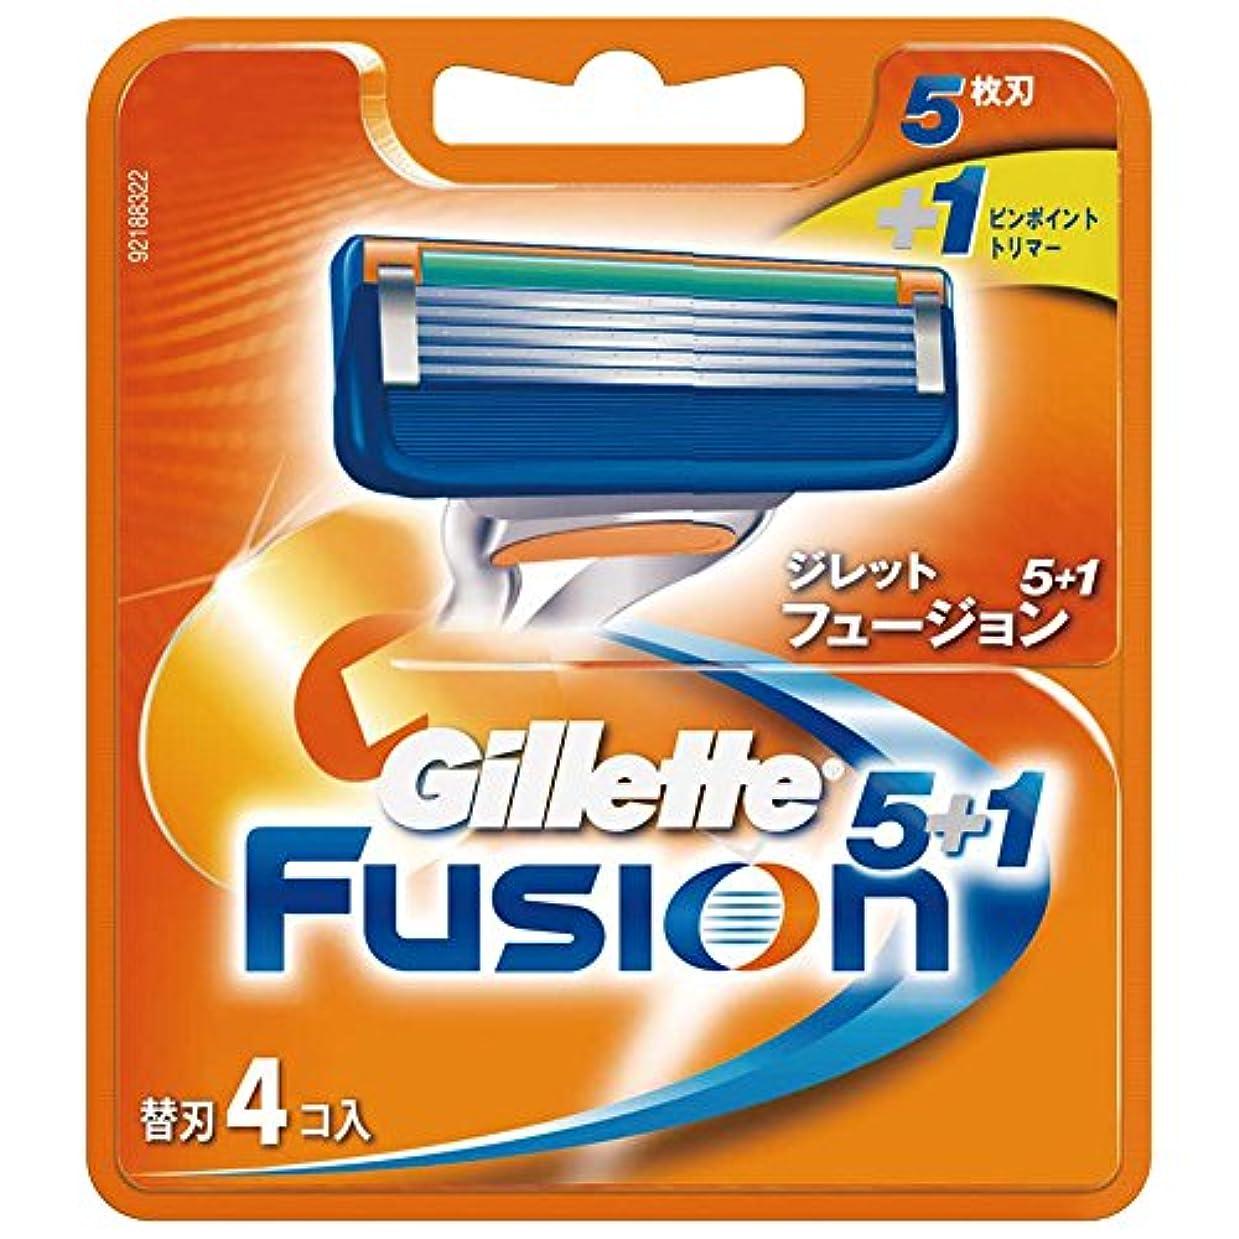 行き当たりばったり入力外観ジレット 髭剃り フュージョン5+1 替刃4個入